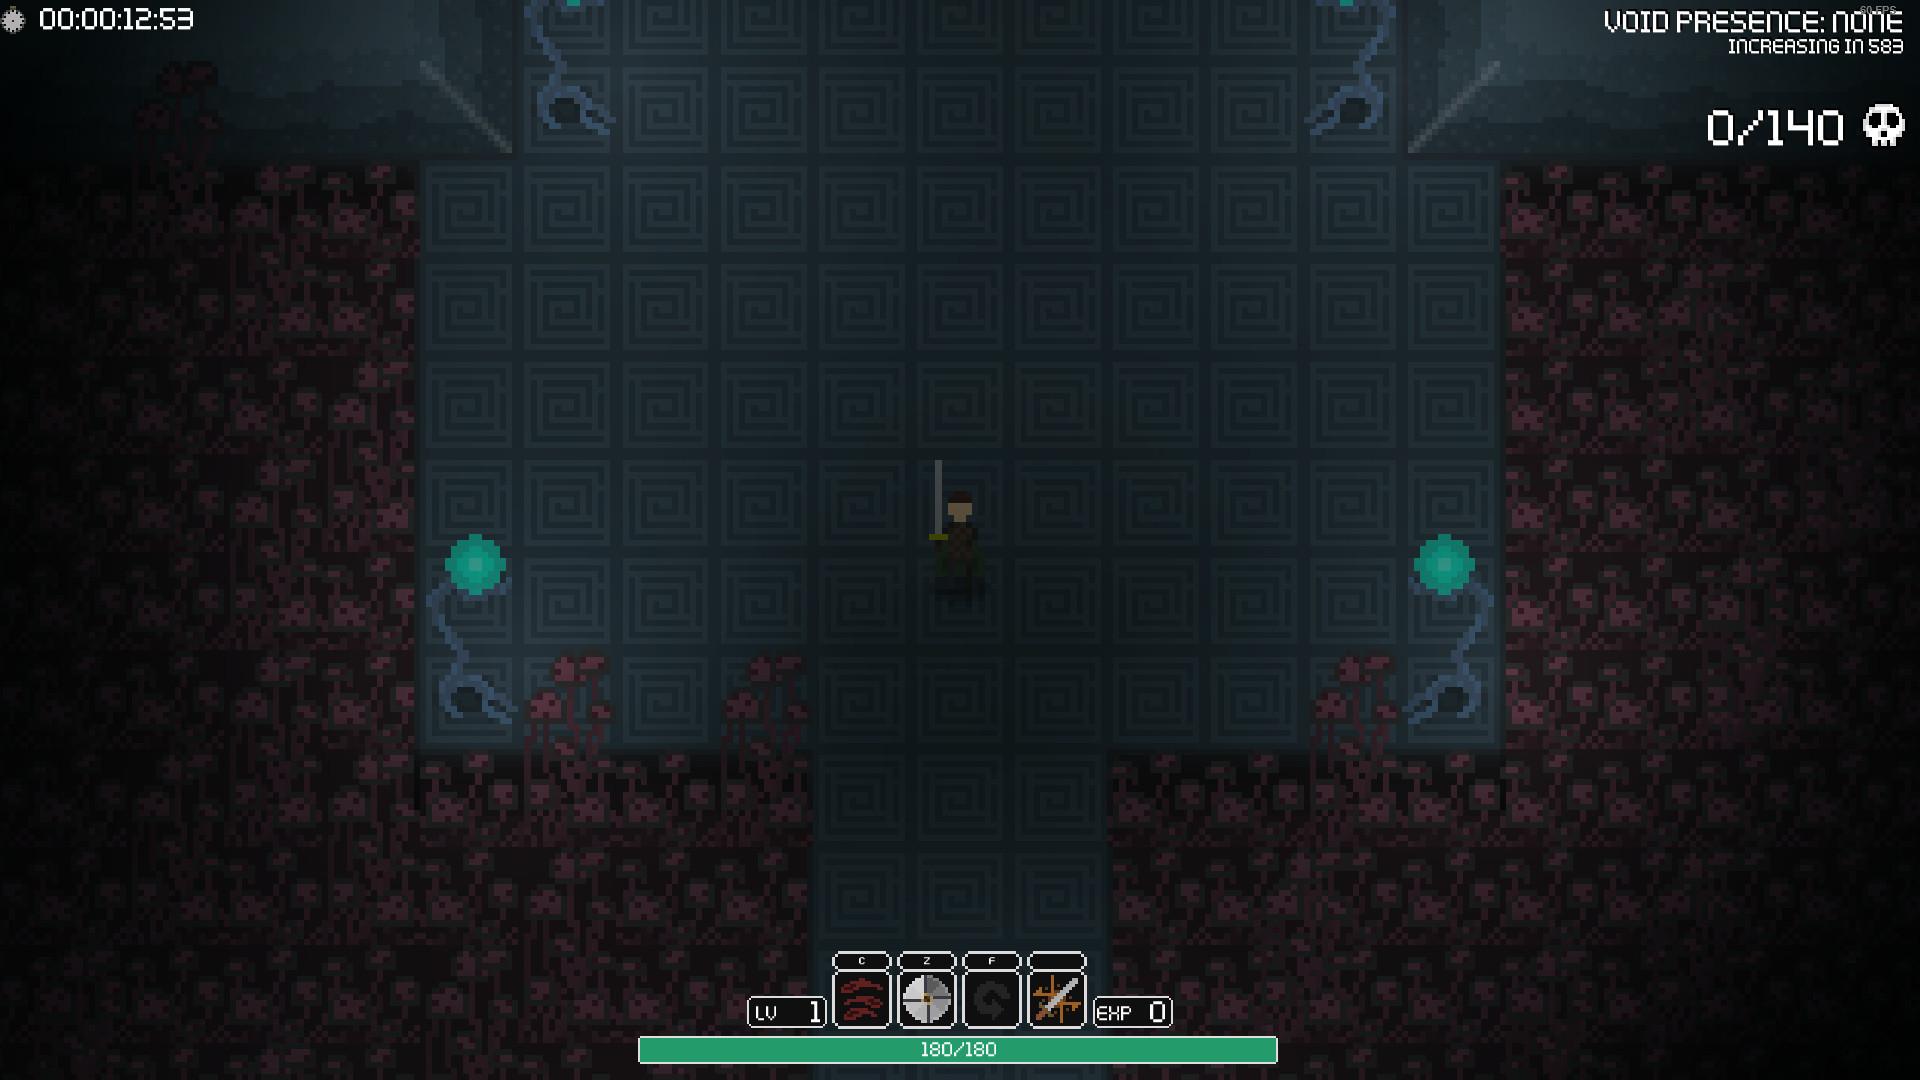 Outrealm Screenshot 3